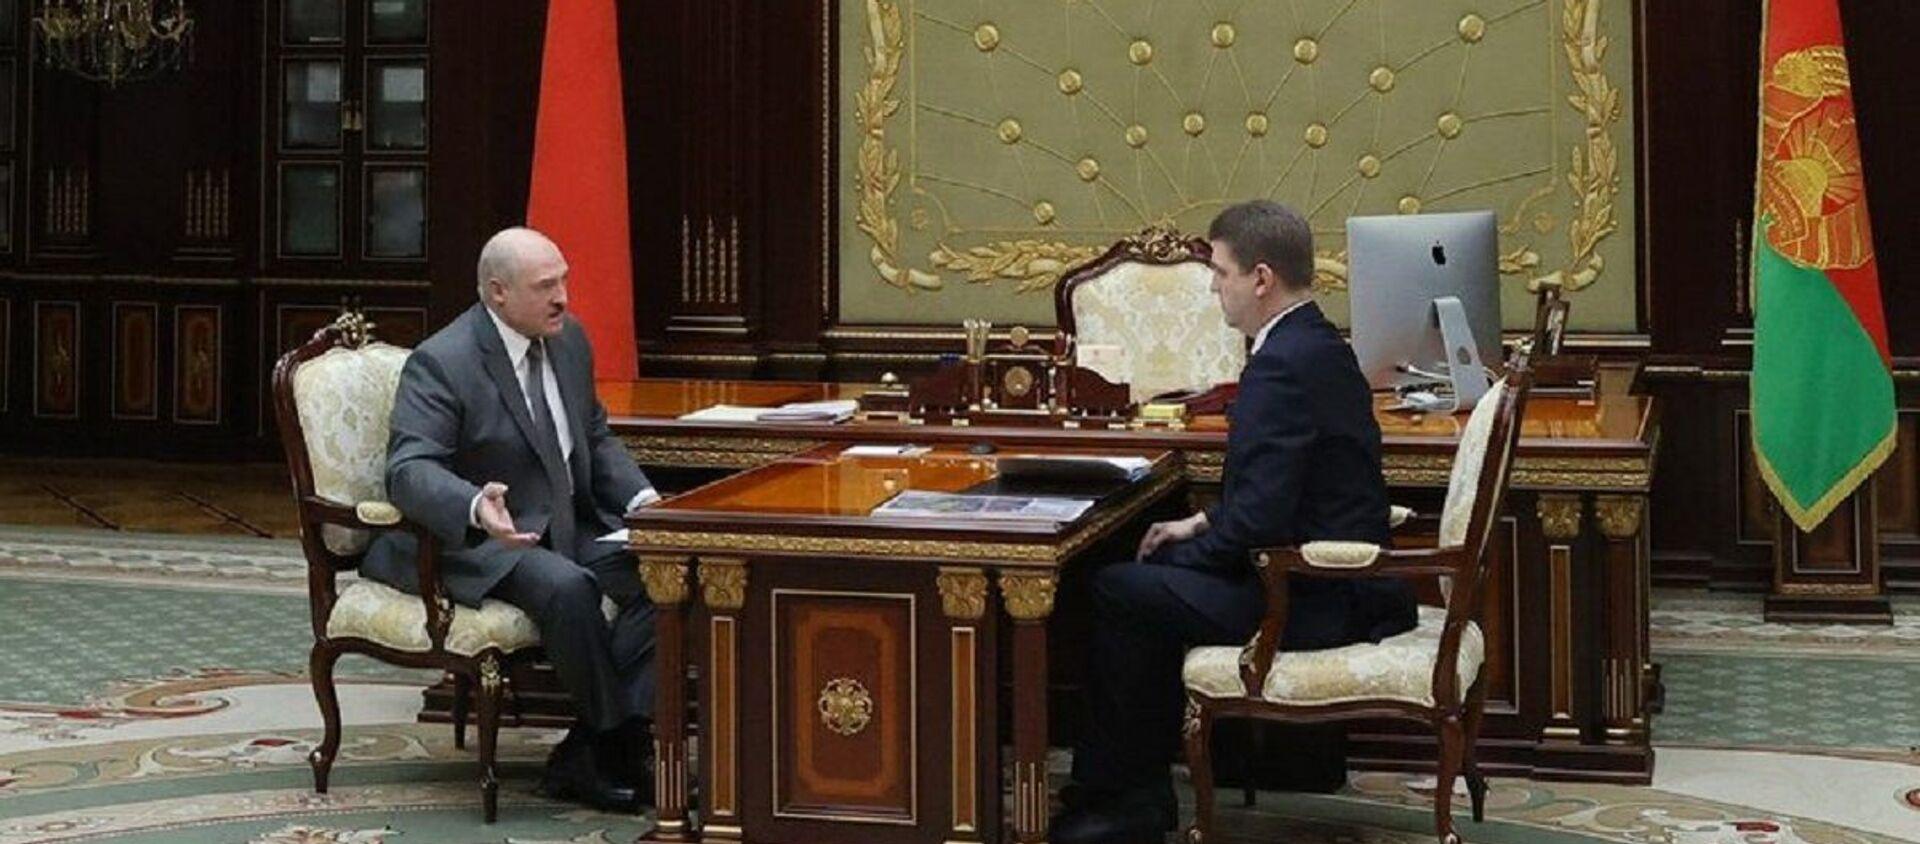 Встреча Александра Лукашенко с Владимиром Кухаревым - Sputnik Беларусь, 1920, 09.02.2021